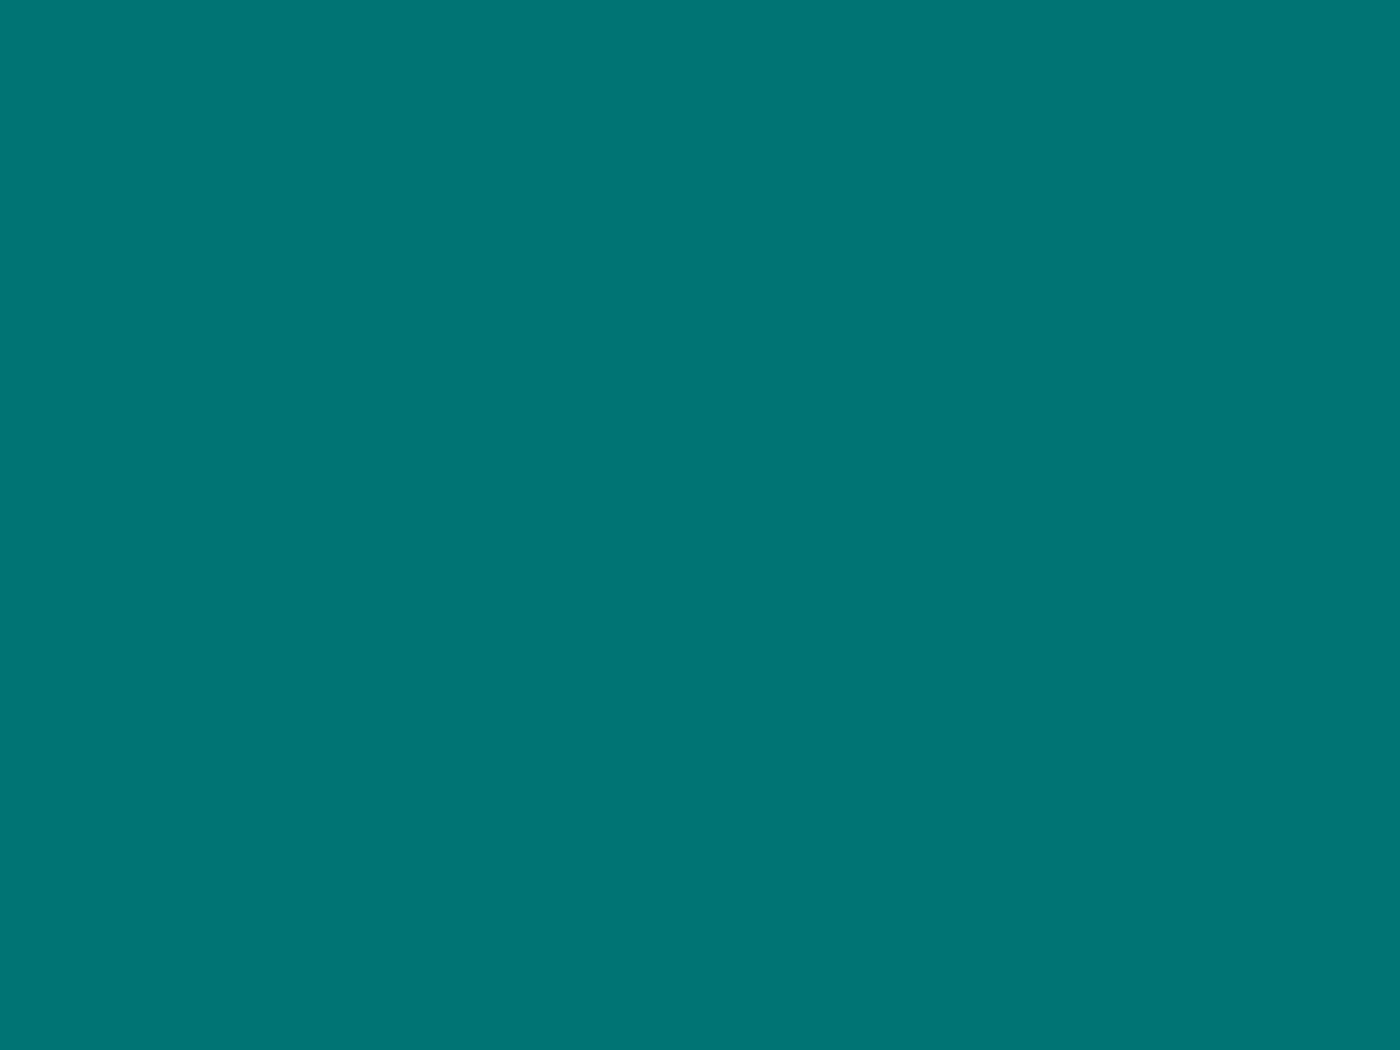 1400x1050 Skobeloff Solid Color Background